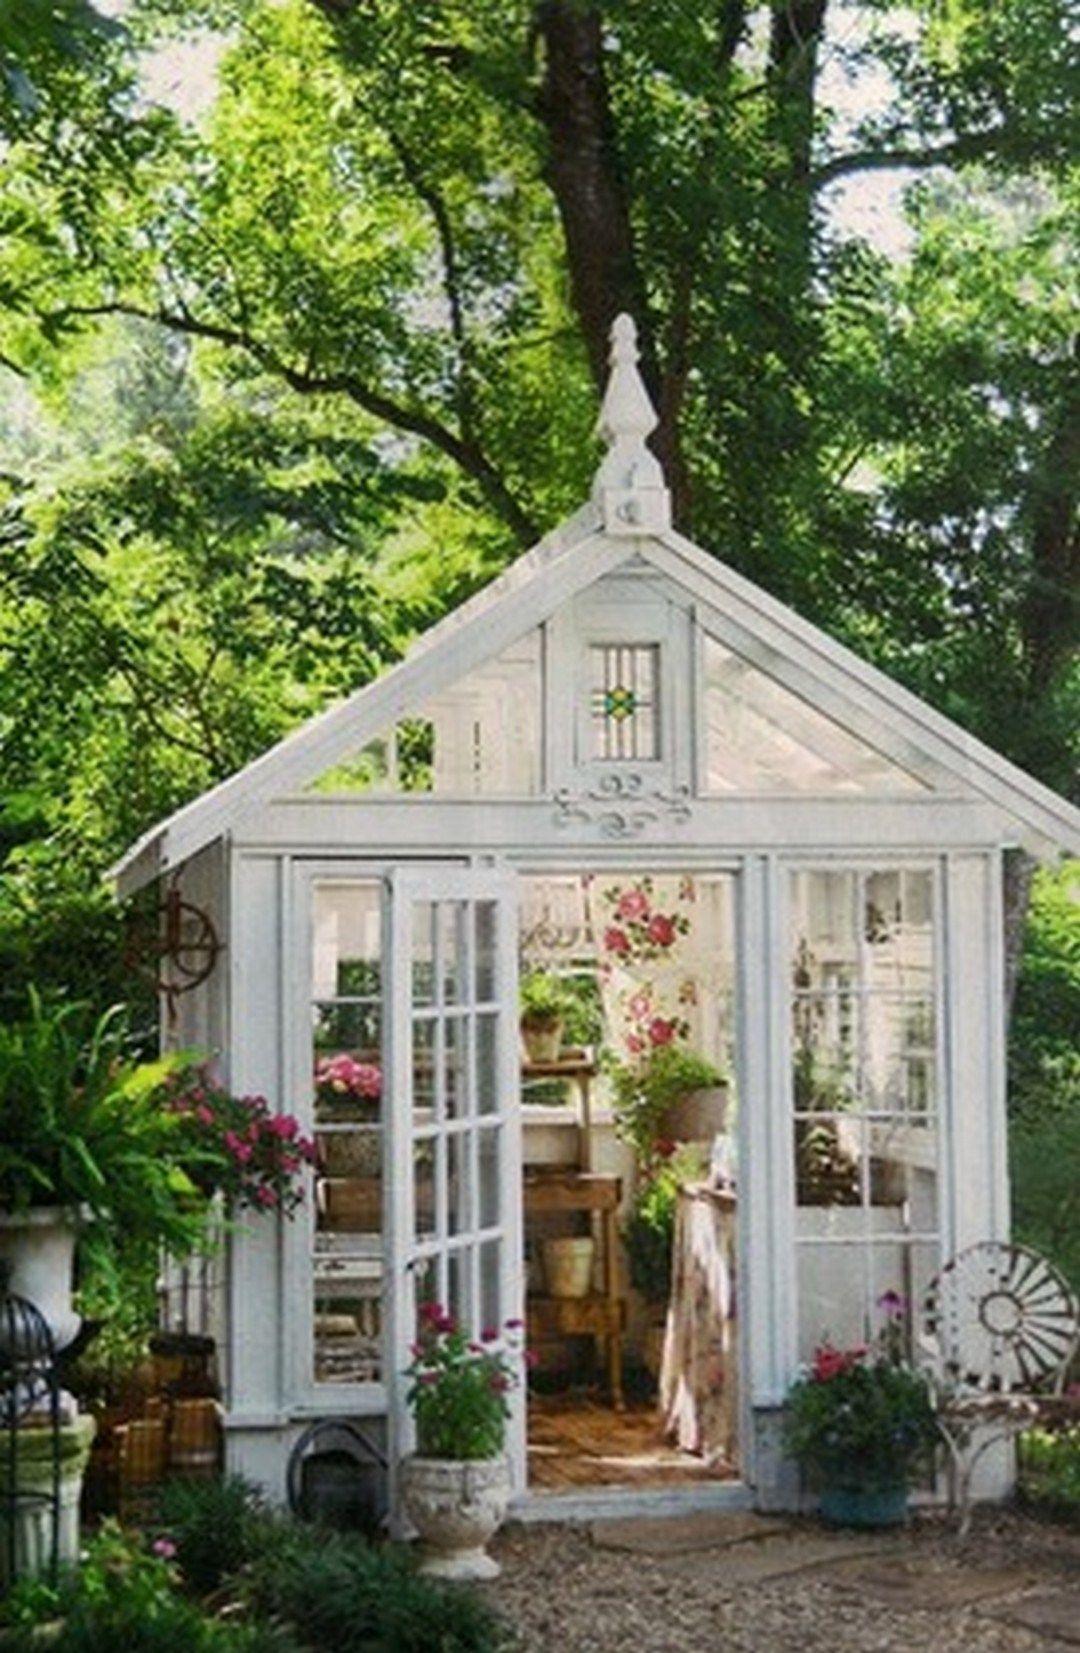 Best Diy Cottage Garden Ideas From Pinterest 39 Dream Garden